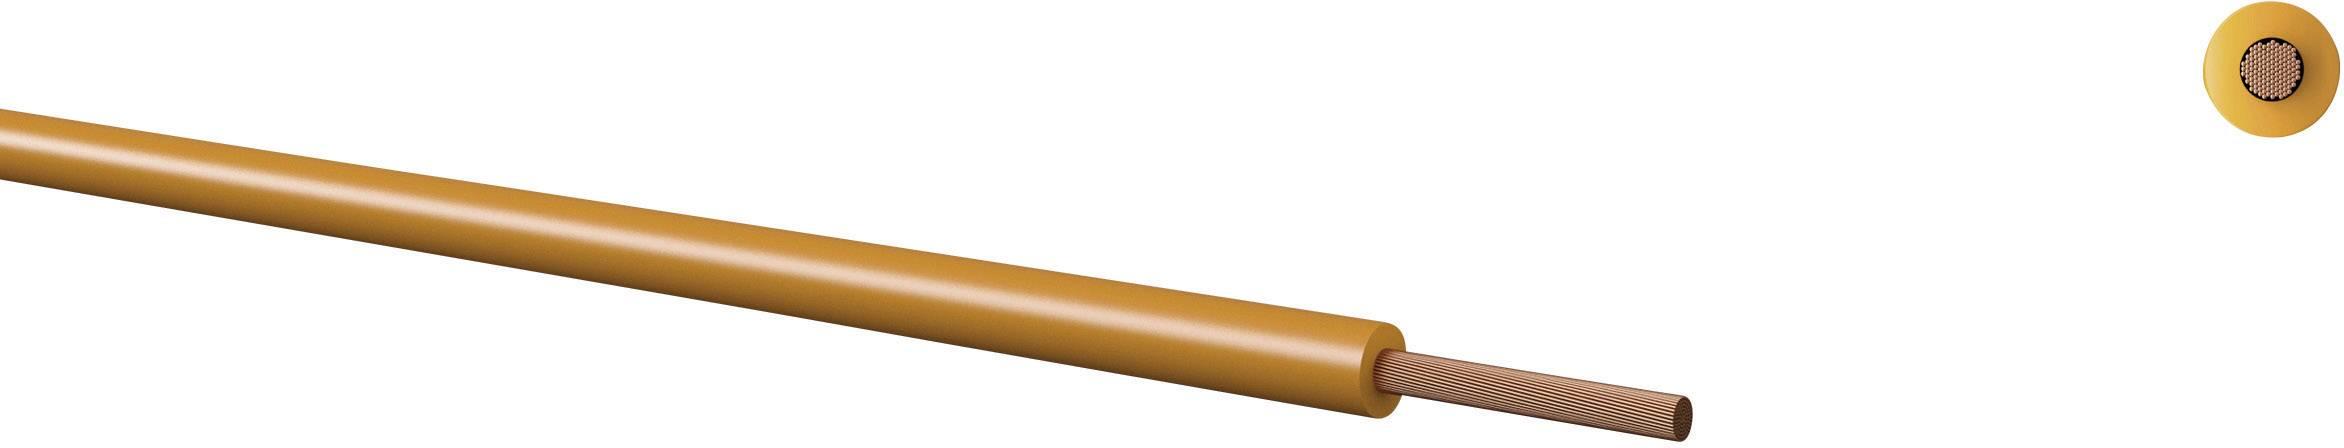 Opletenie / lanko Kabeltronik 160110007 LiFY, 1 x 1 mm², vonkajší Ø 2.50 mm, metrový tovar, modrá